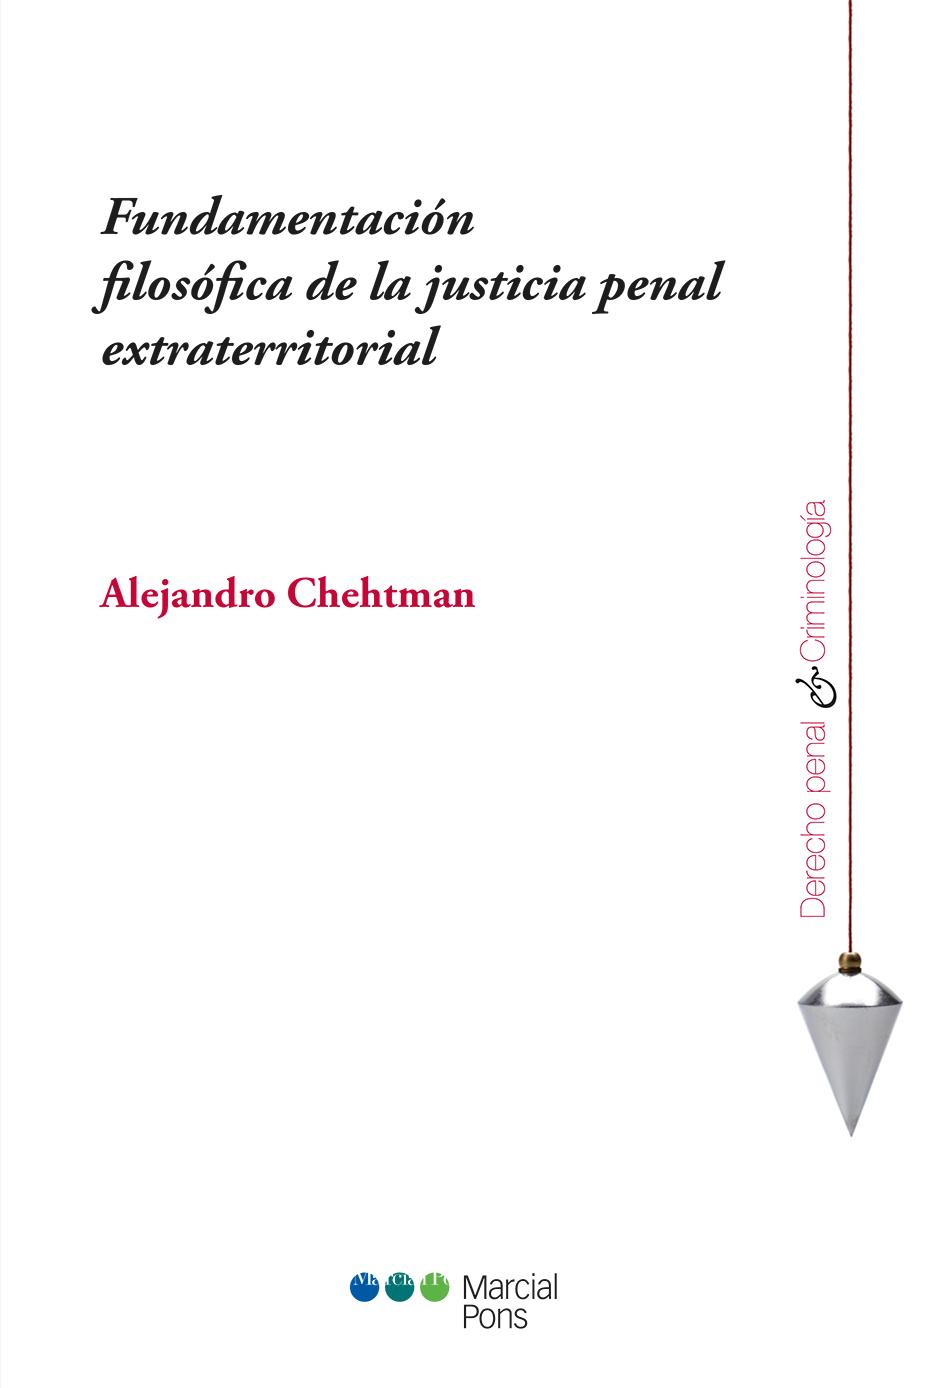 Portada del libro Fundamentación filosófica de la justicia penal extraterritorial